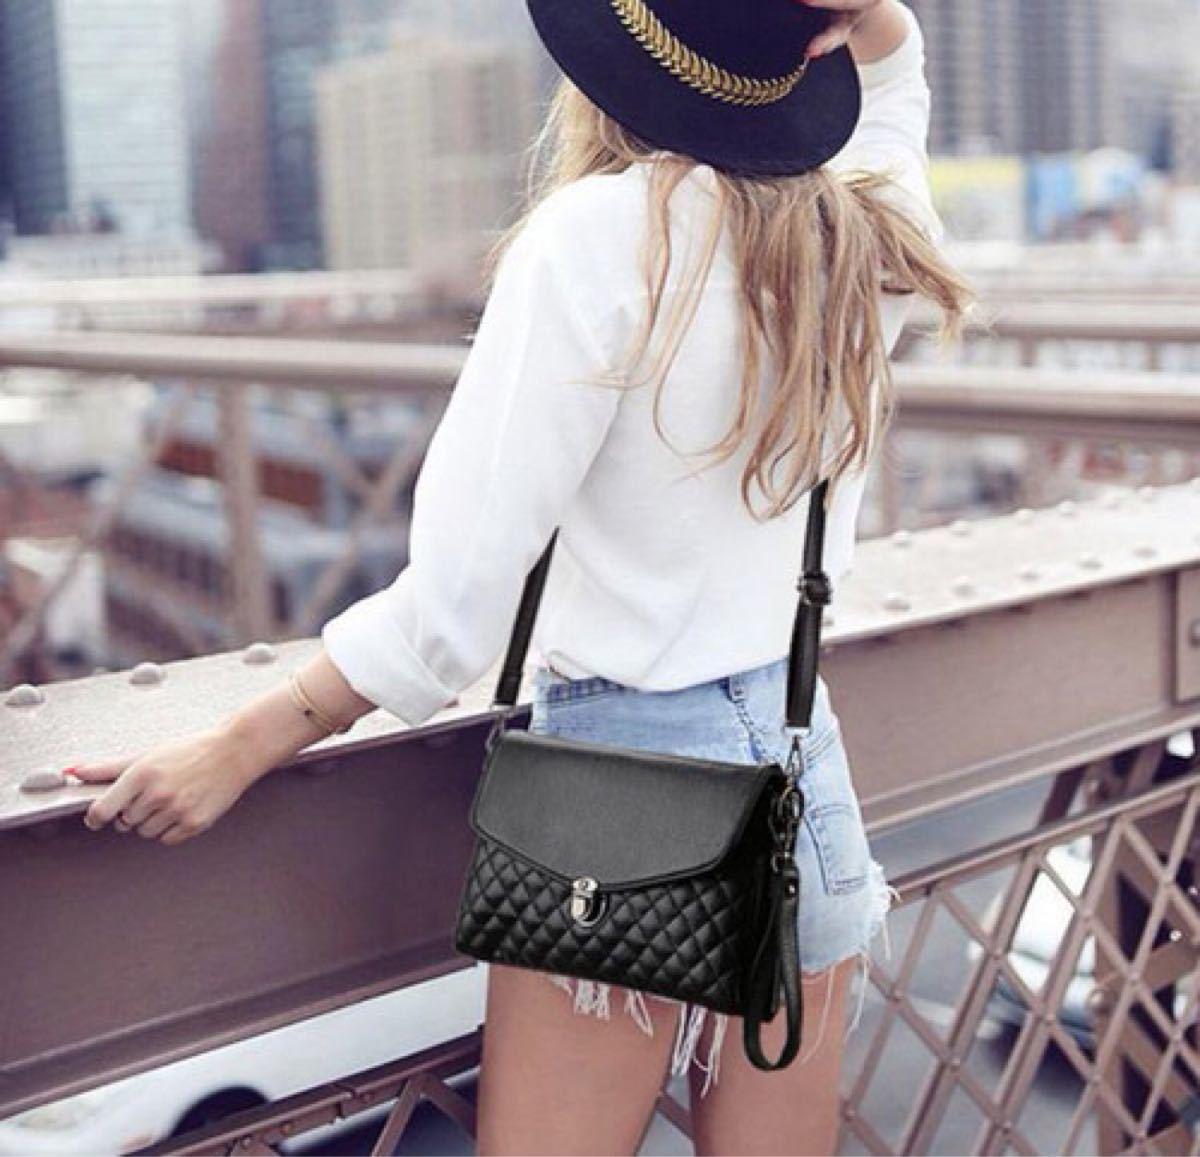 ショルダーバッグ クラッチバッグ ミニバッグ レザー レディース 小物 鞄 ブラック セカンドバッグ